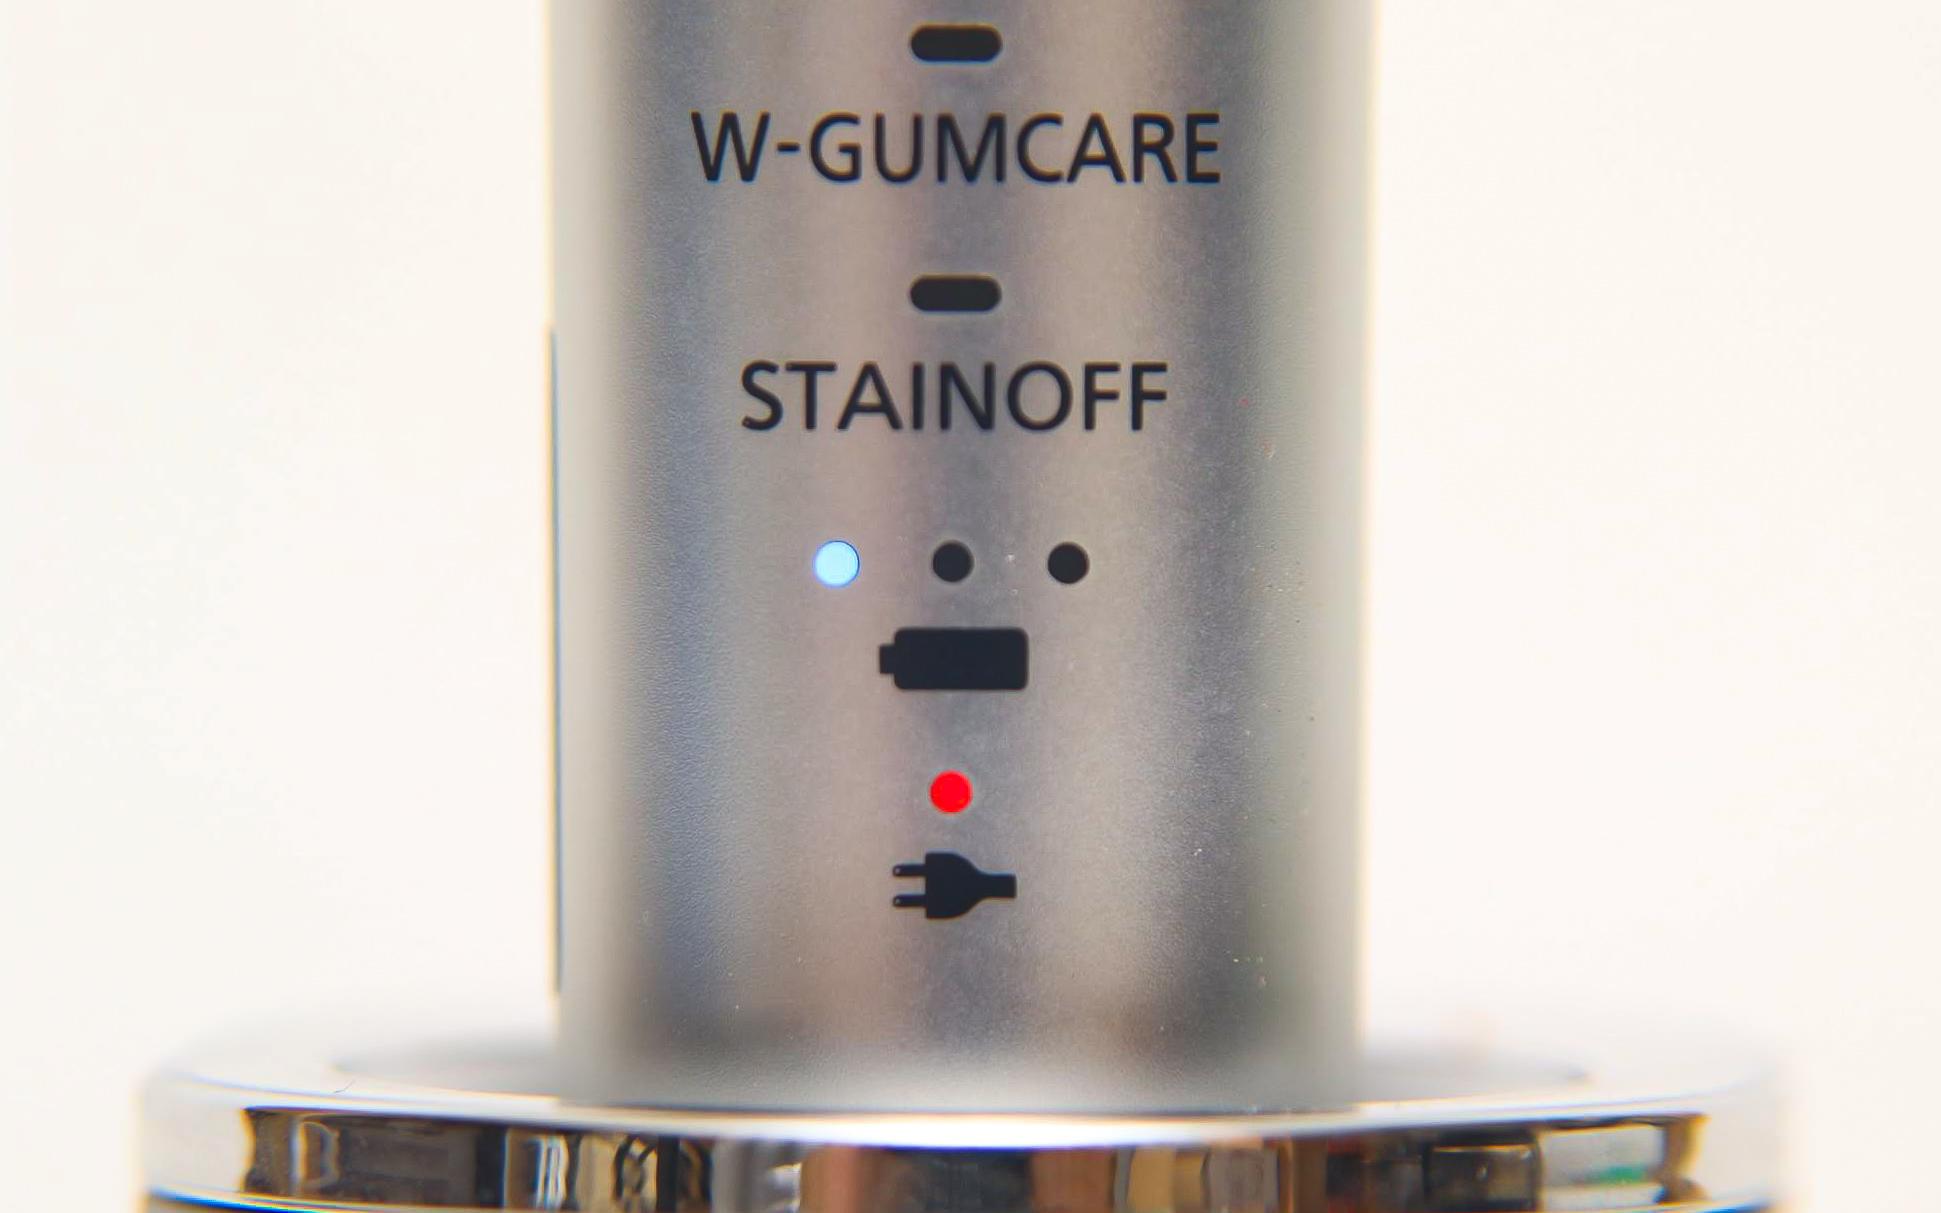 バッテリー残量は3つのLEDで表示される